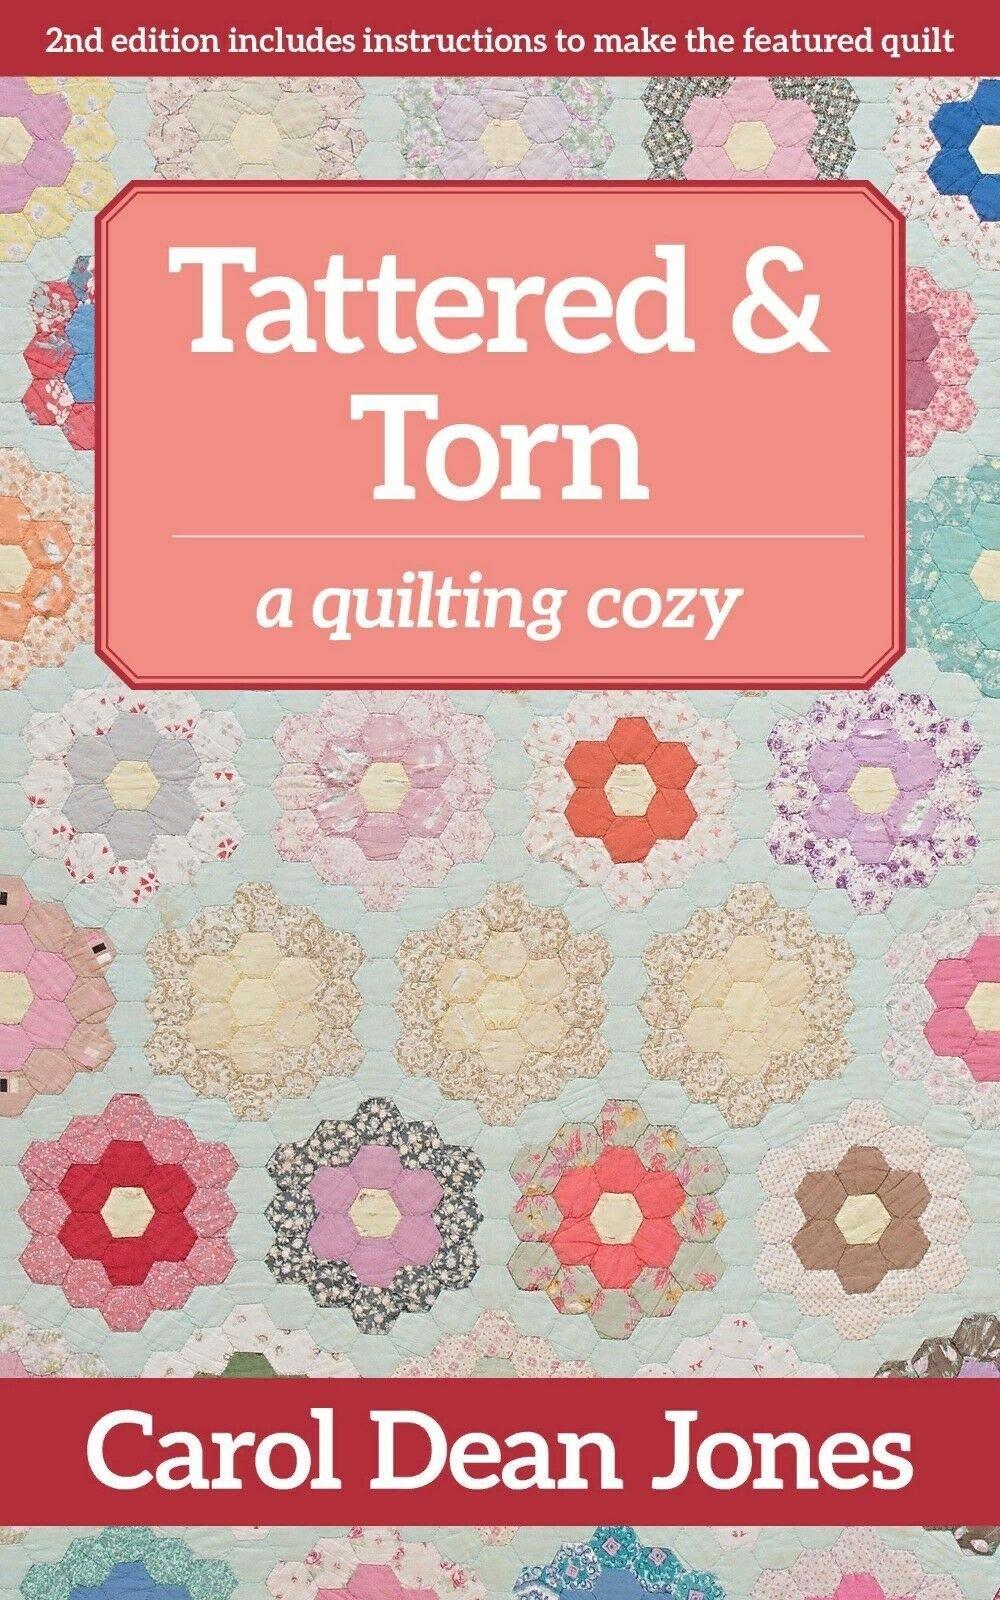 Tattered & Torn - CDJ